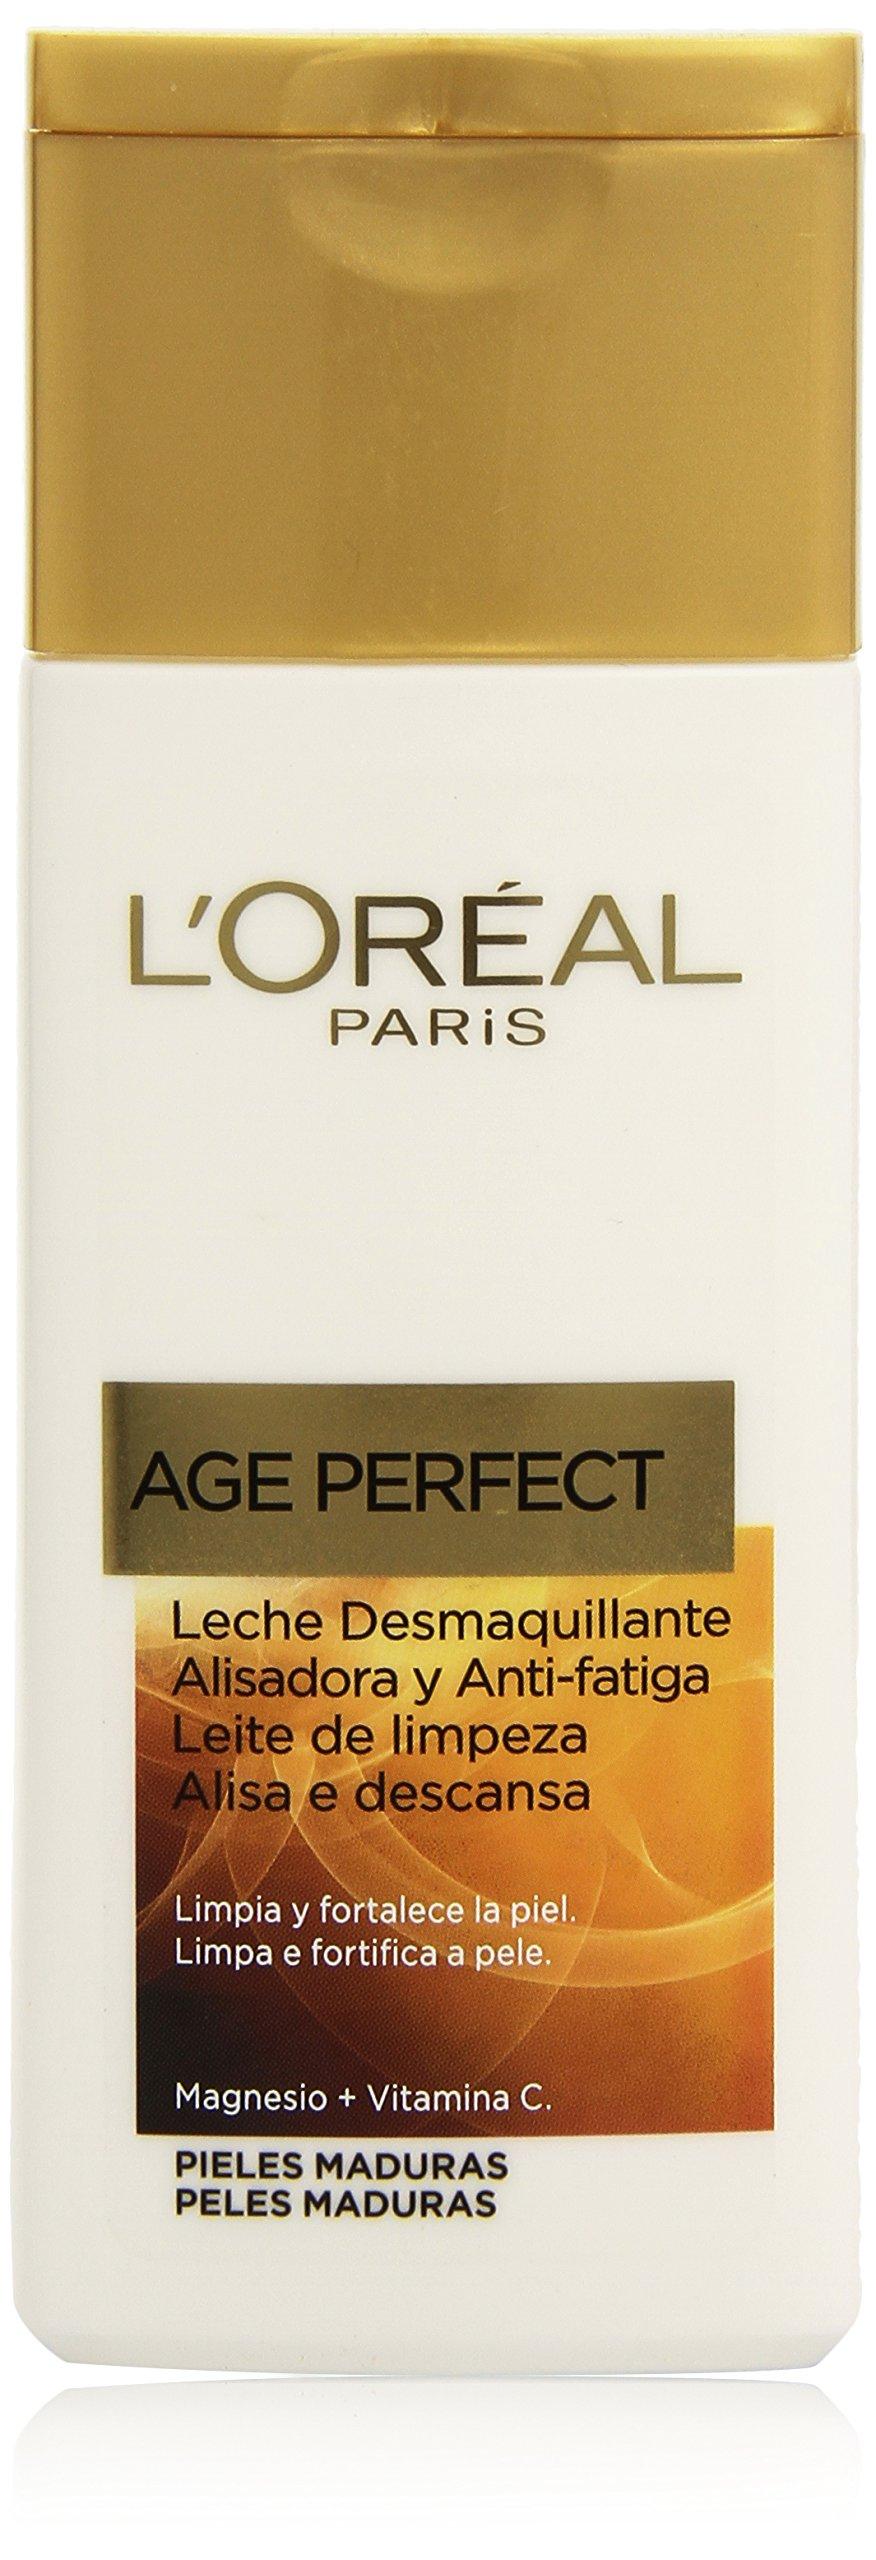 L'Oréal Paris Dermo Expertise Leche Desmaquillante Age Perfect, 200 ml